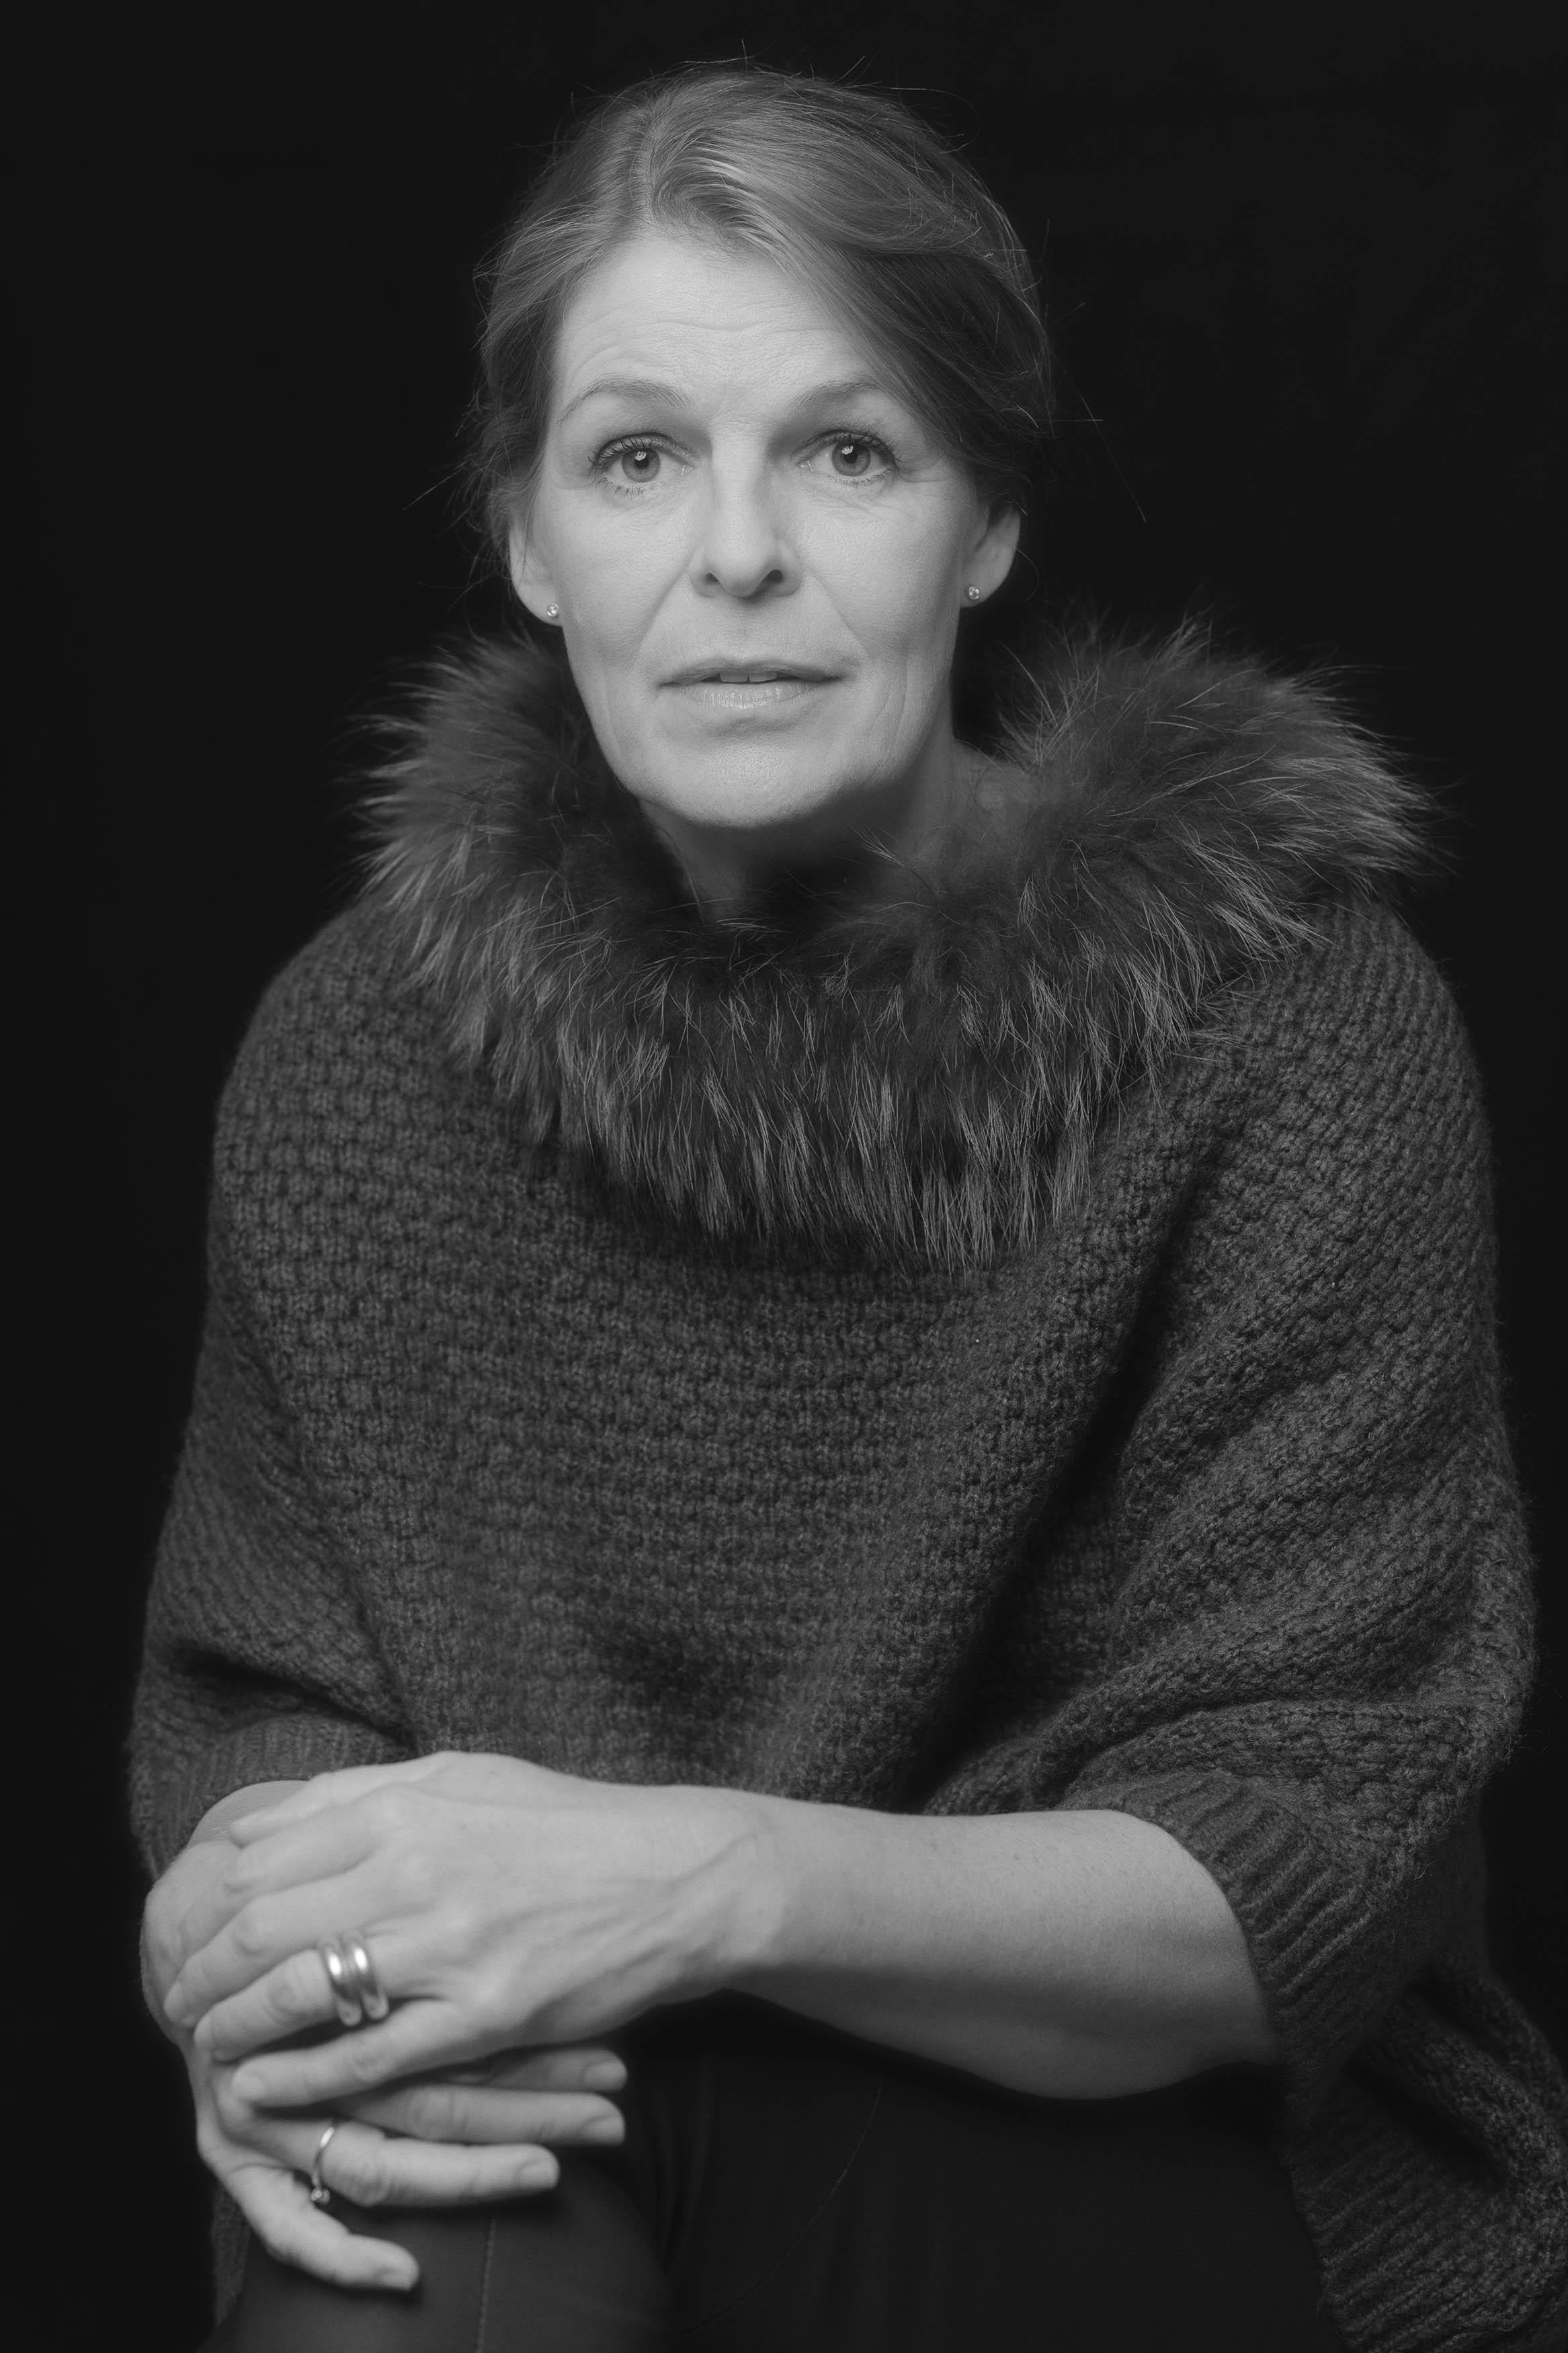 Lone Rasmussen Photography, www.lonerasmussenphotography.dk, portræt, kvinde, sort-hvid